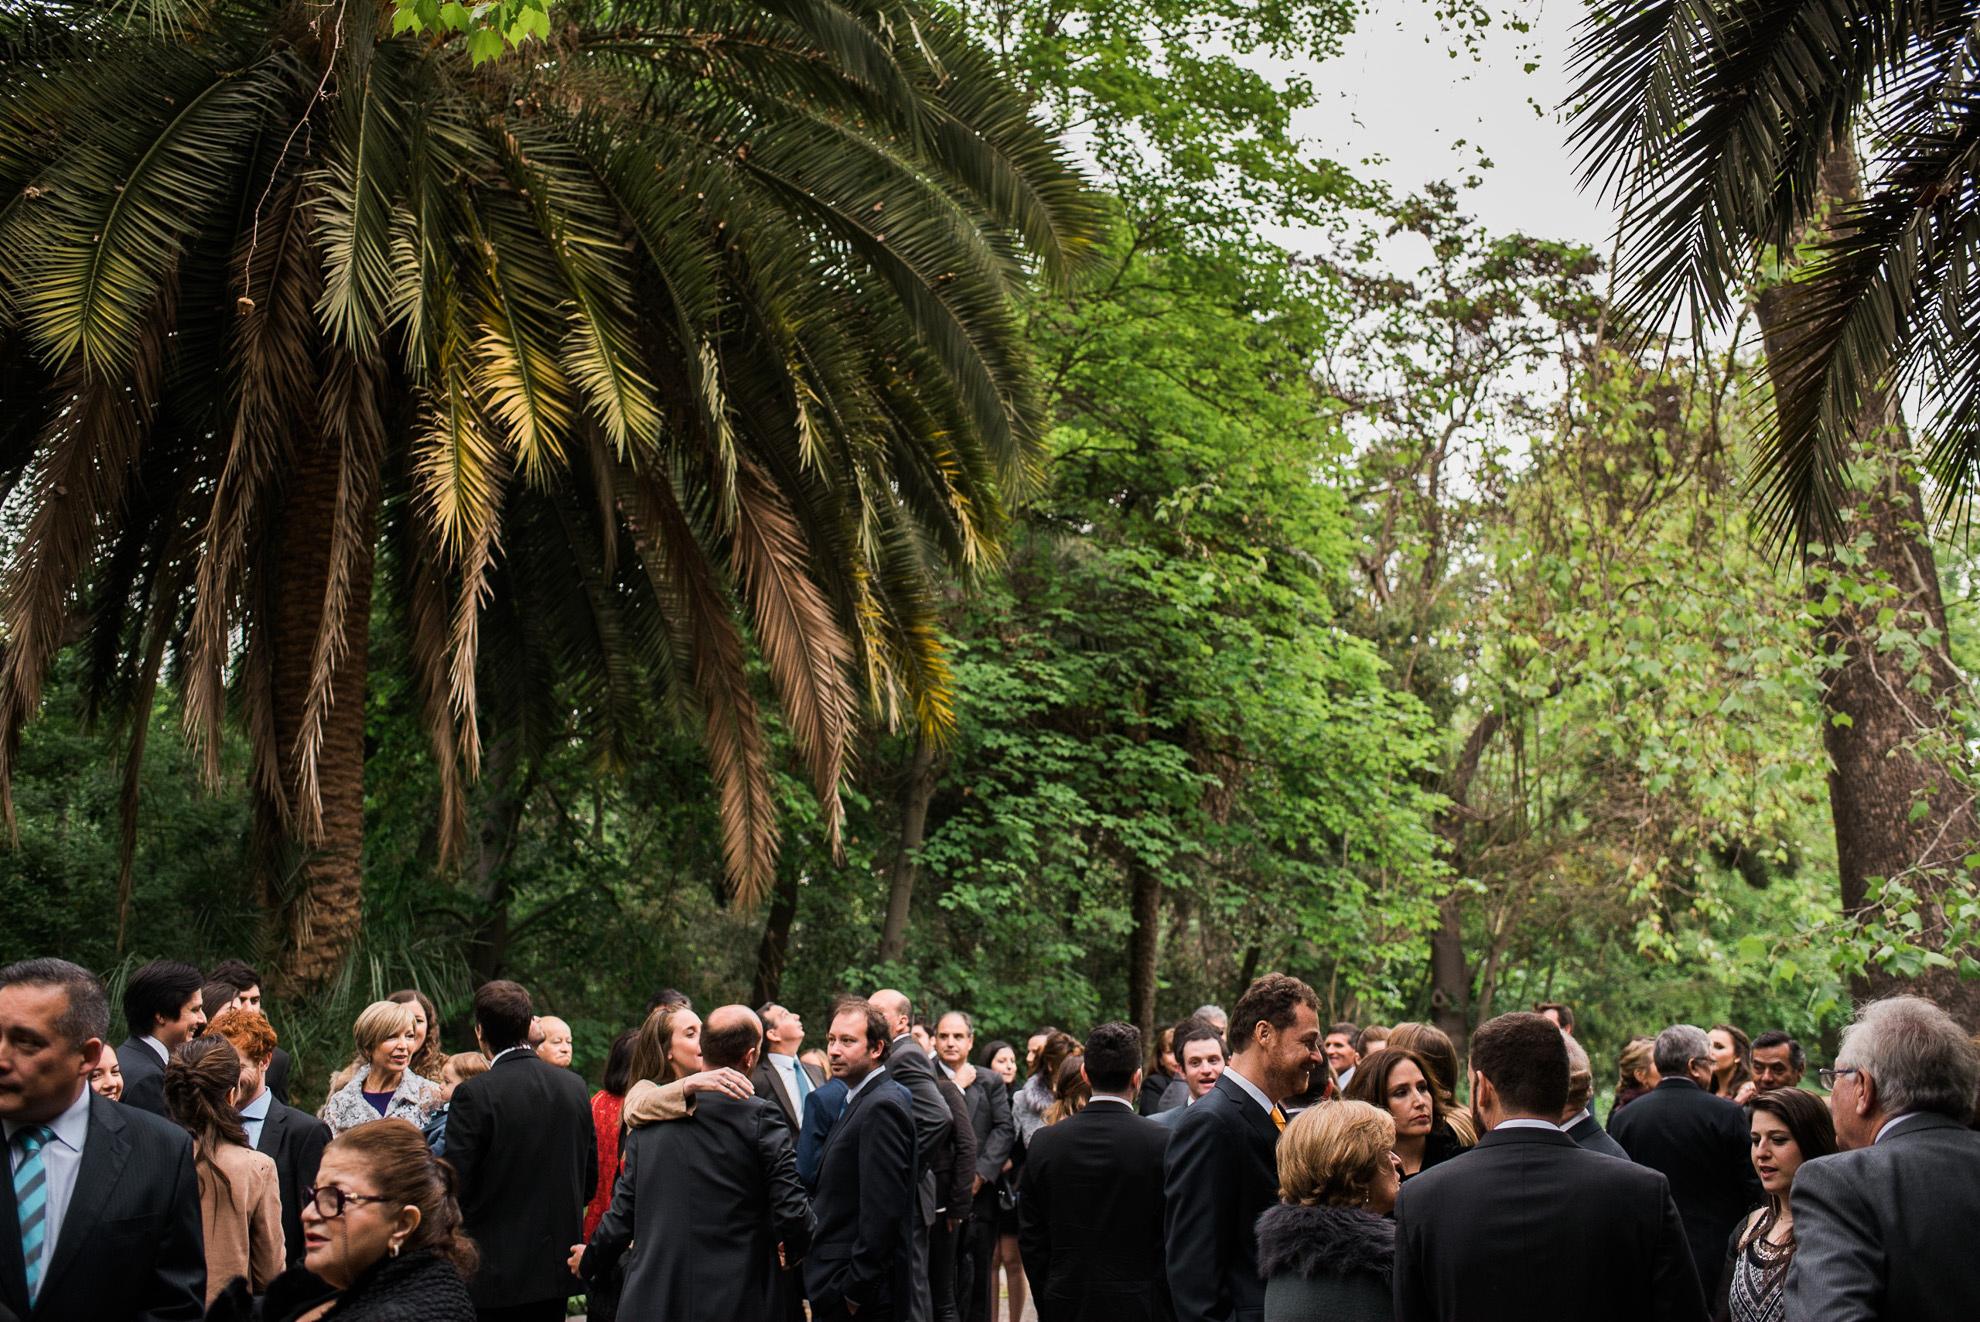 015_matrimonio casa parque nos.jpg